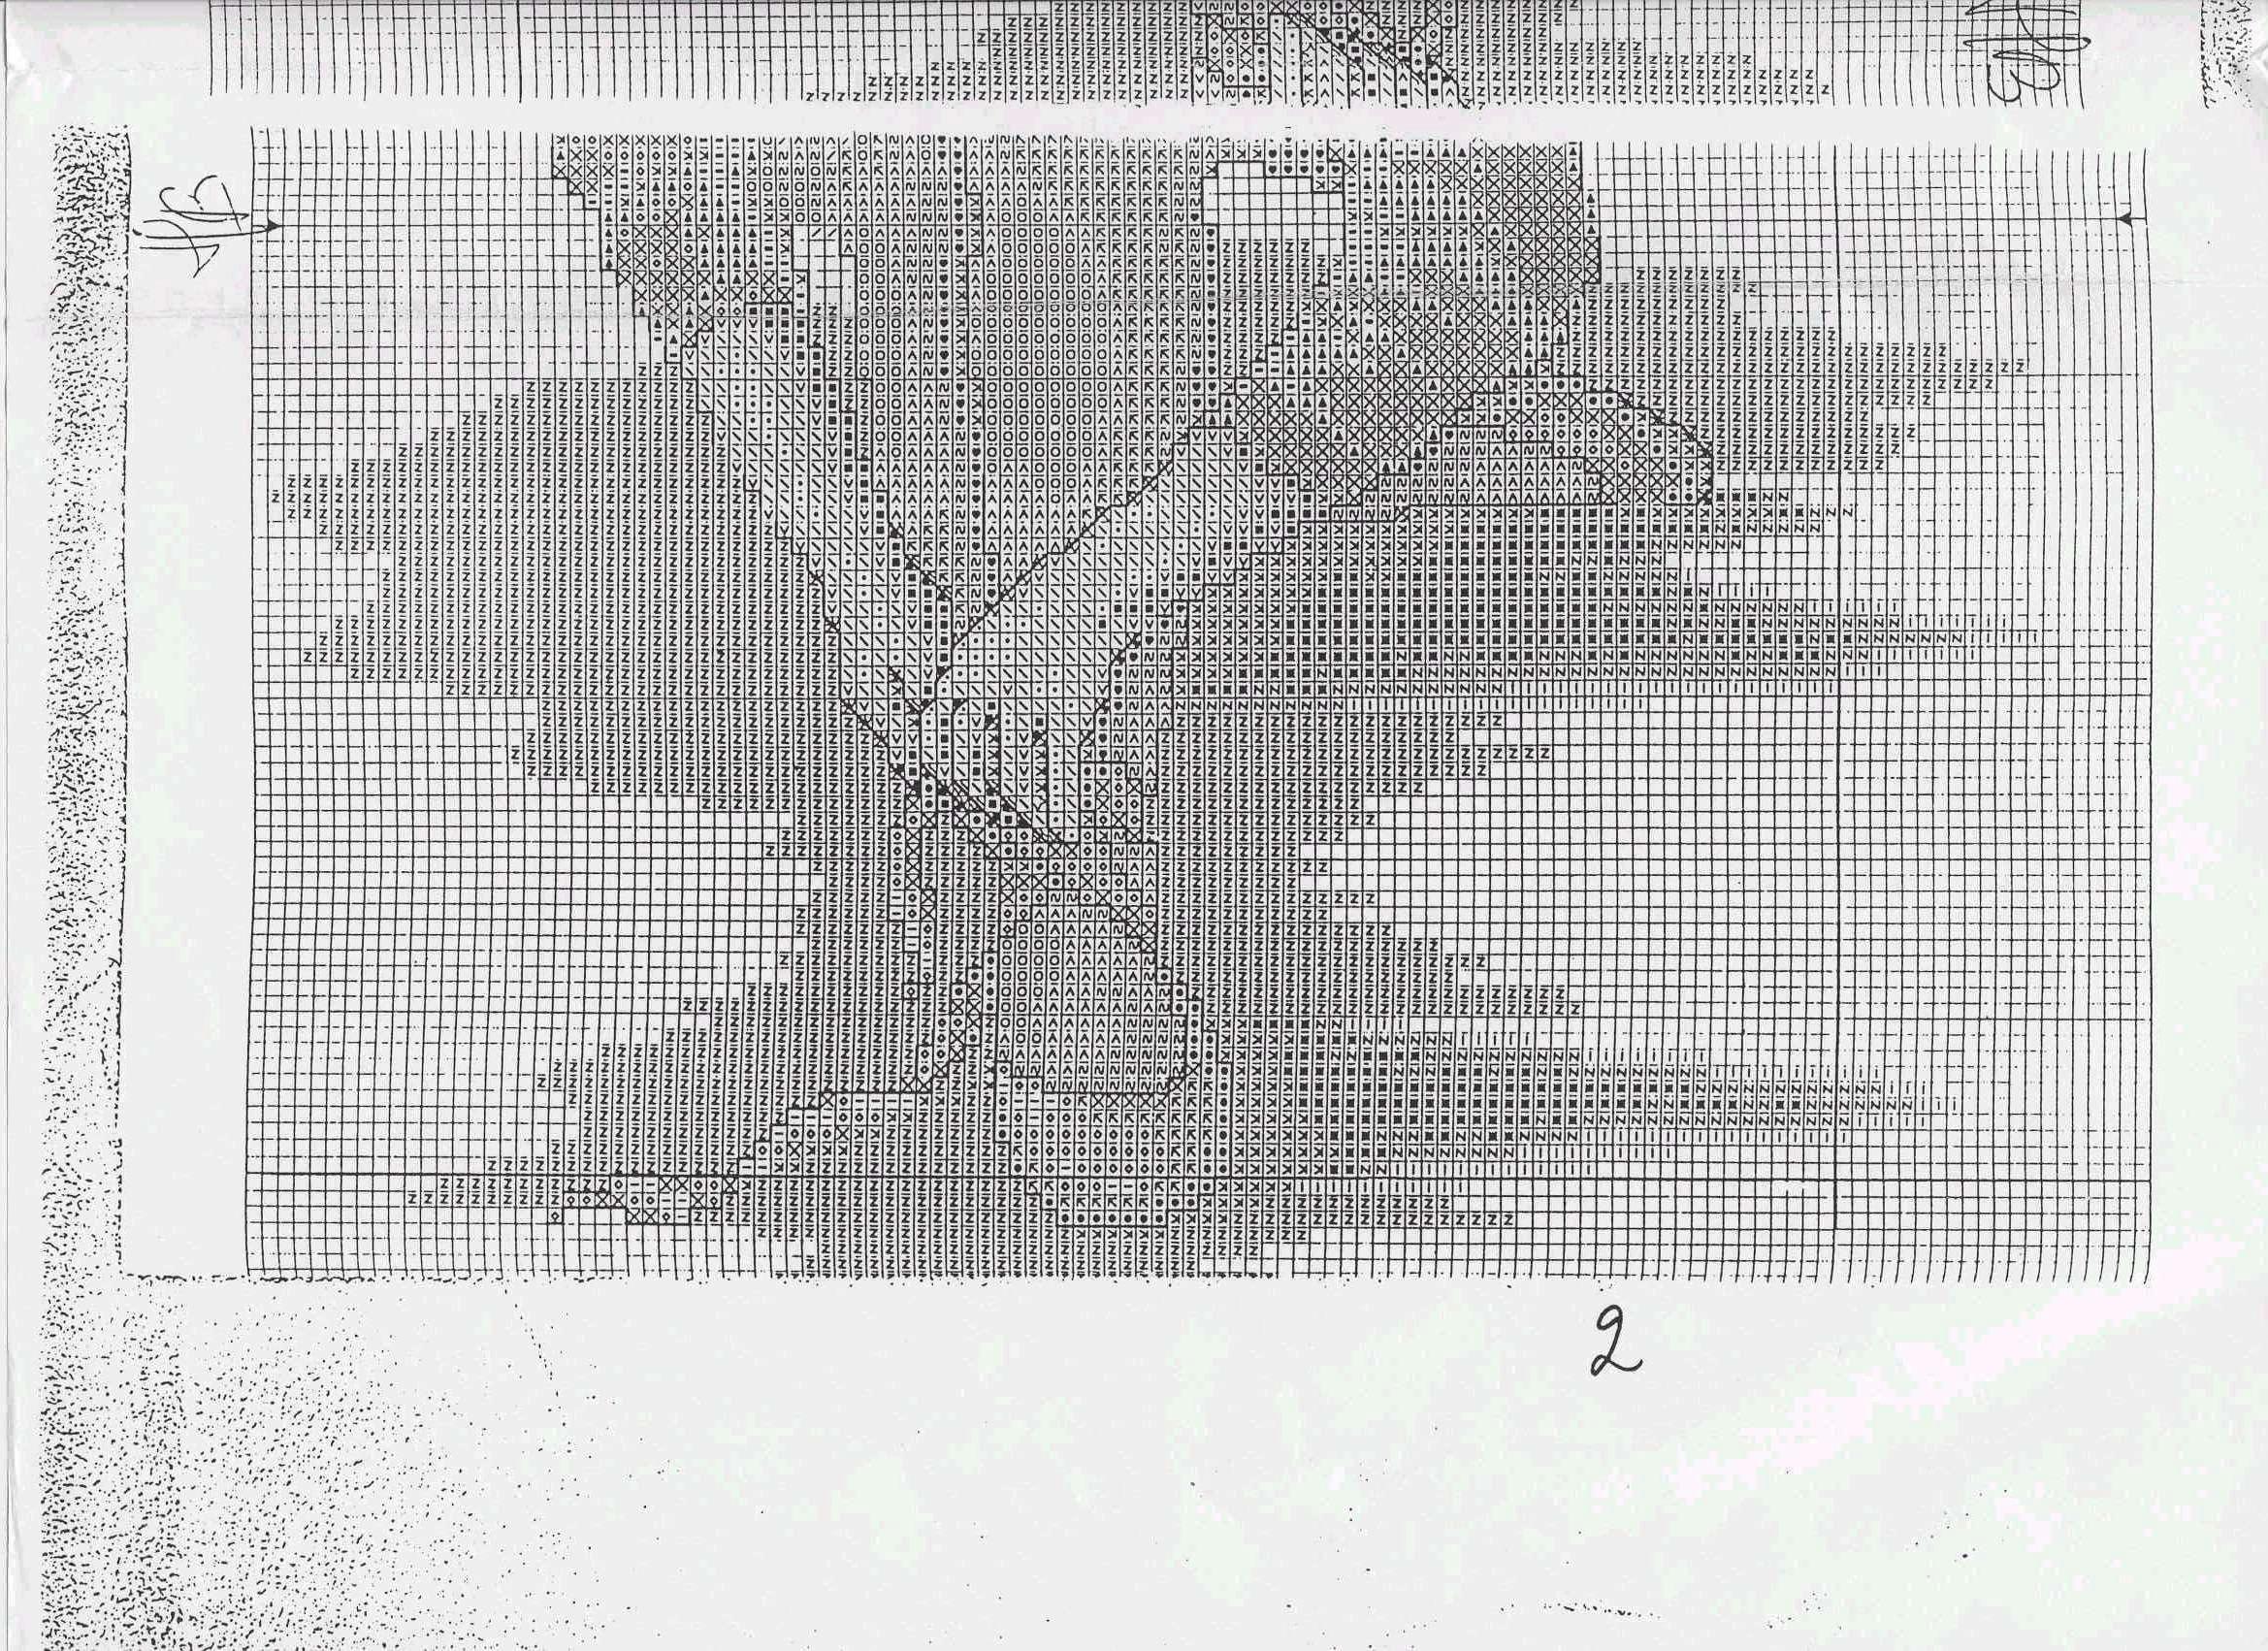 Юная балерина.Вышивка.. Комментарии : LiveInternet - Российский Сервис Онлайн-Дневников